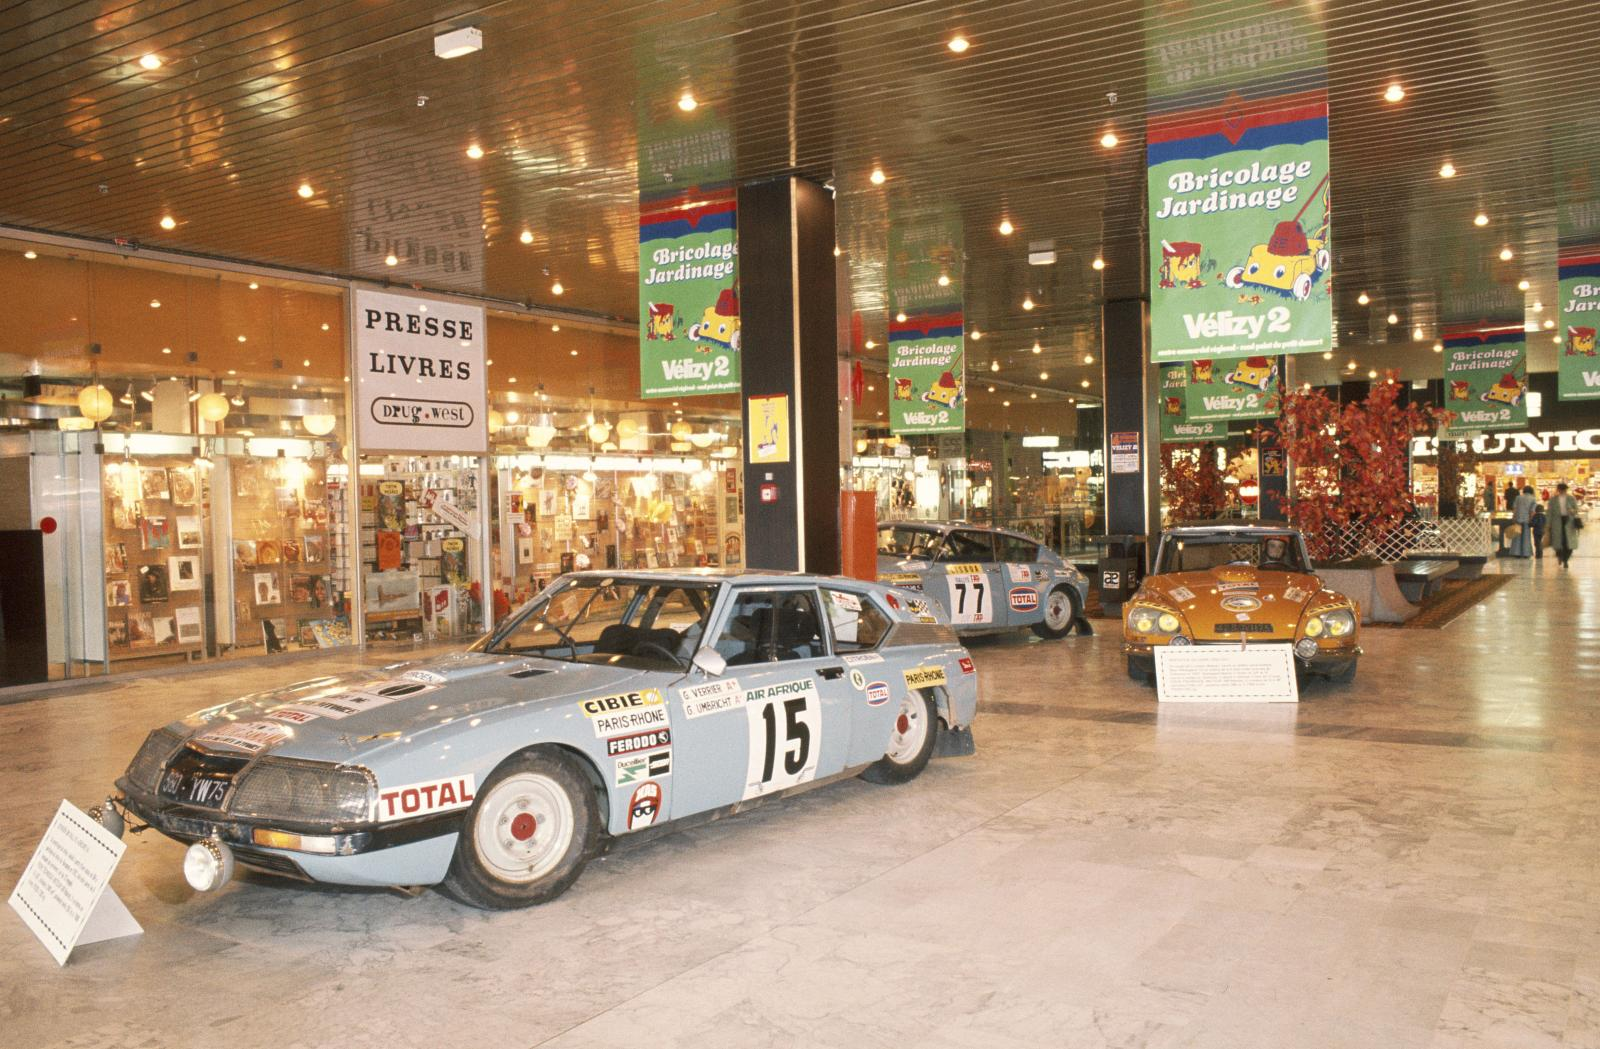 Exposição no Centro Comercial de  Vélizy - SM & DS rali - 1976